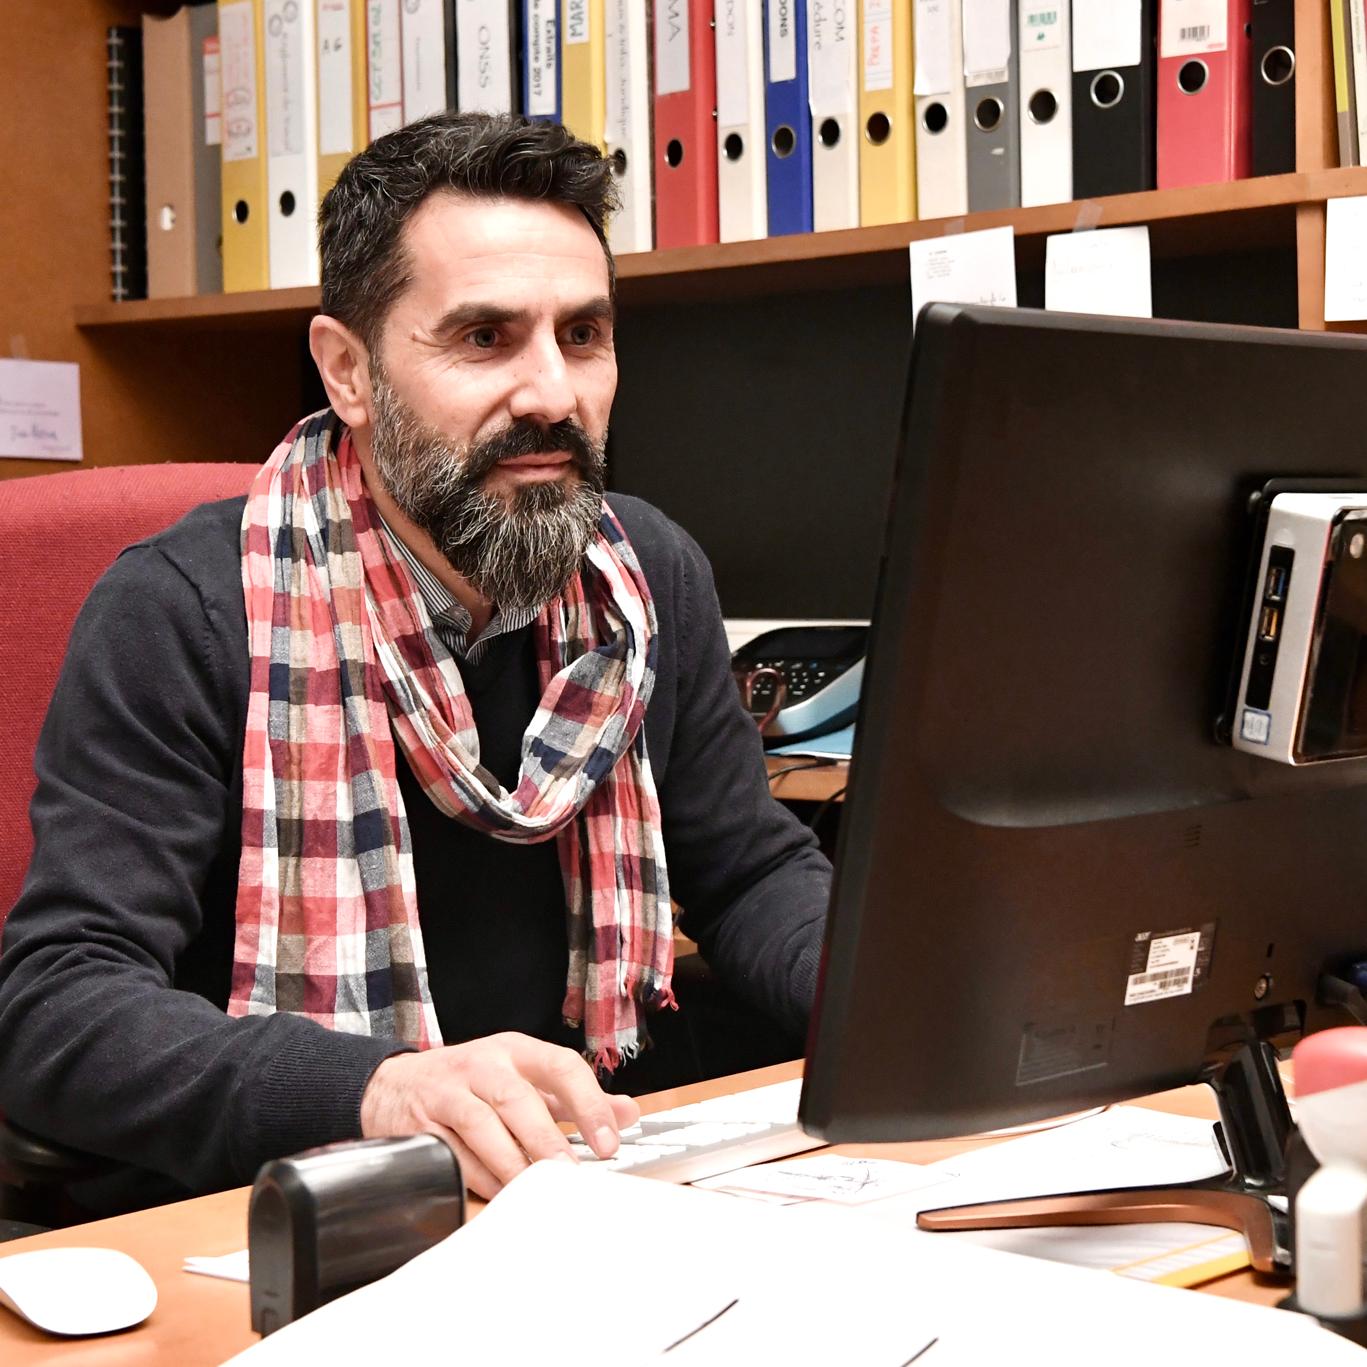 Directeur - Murat Karacaoglu